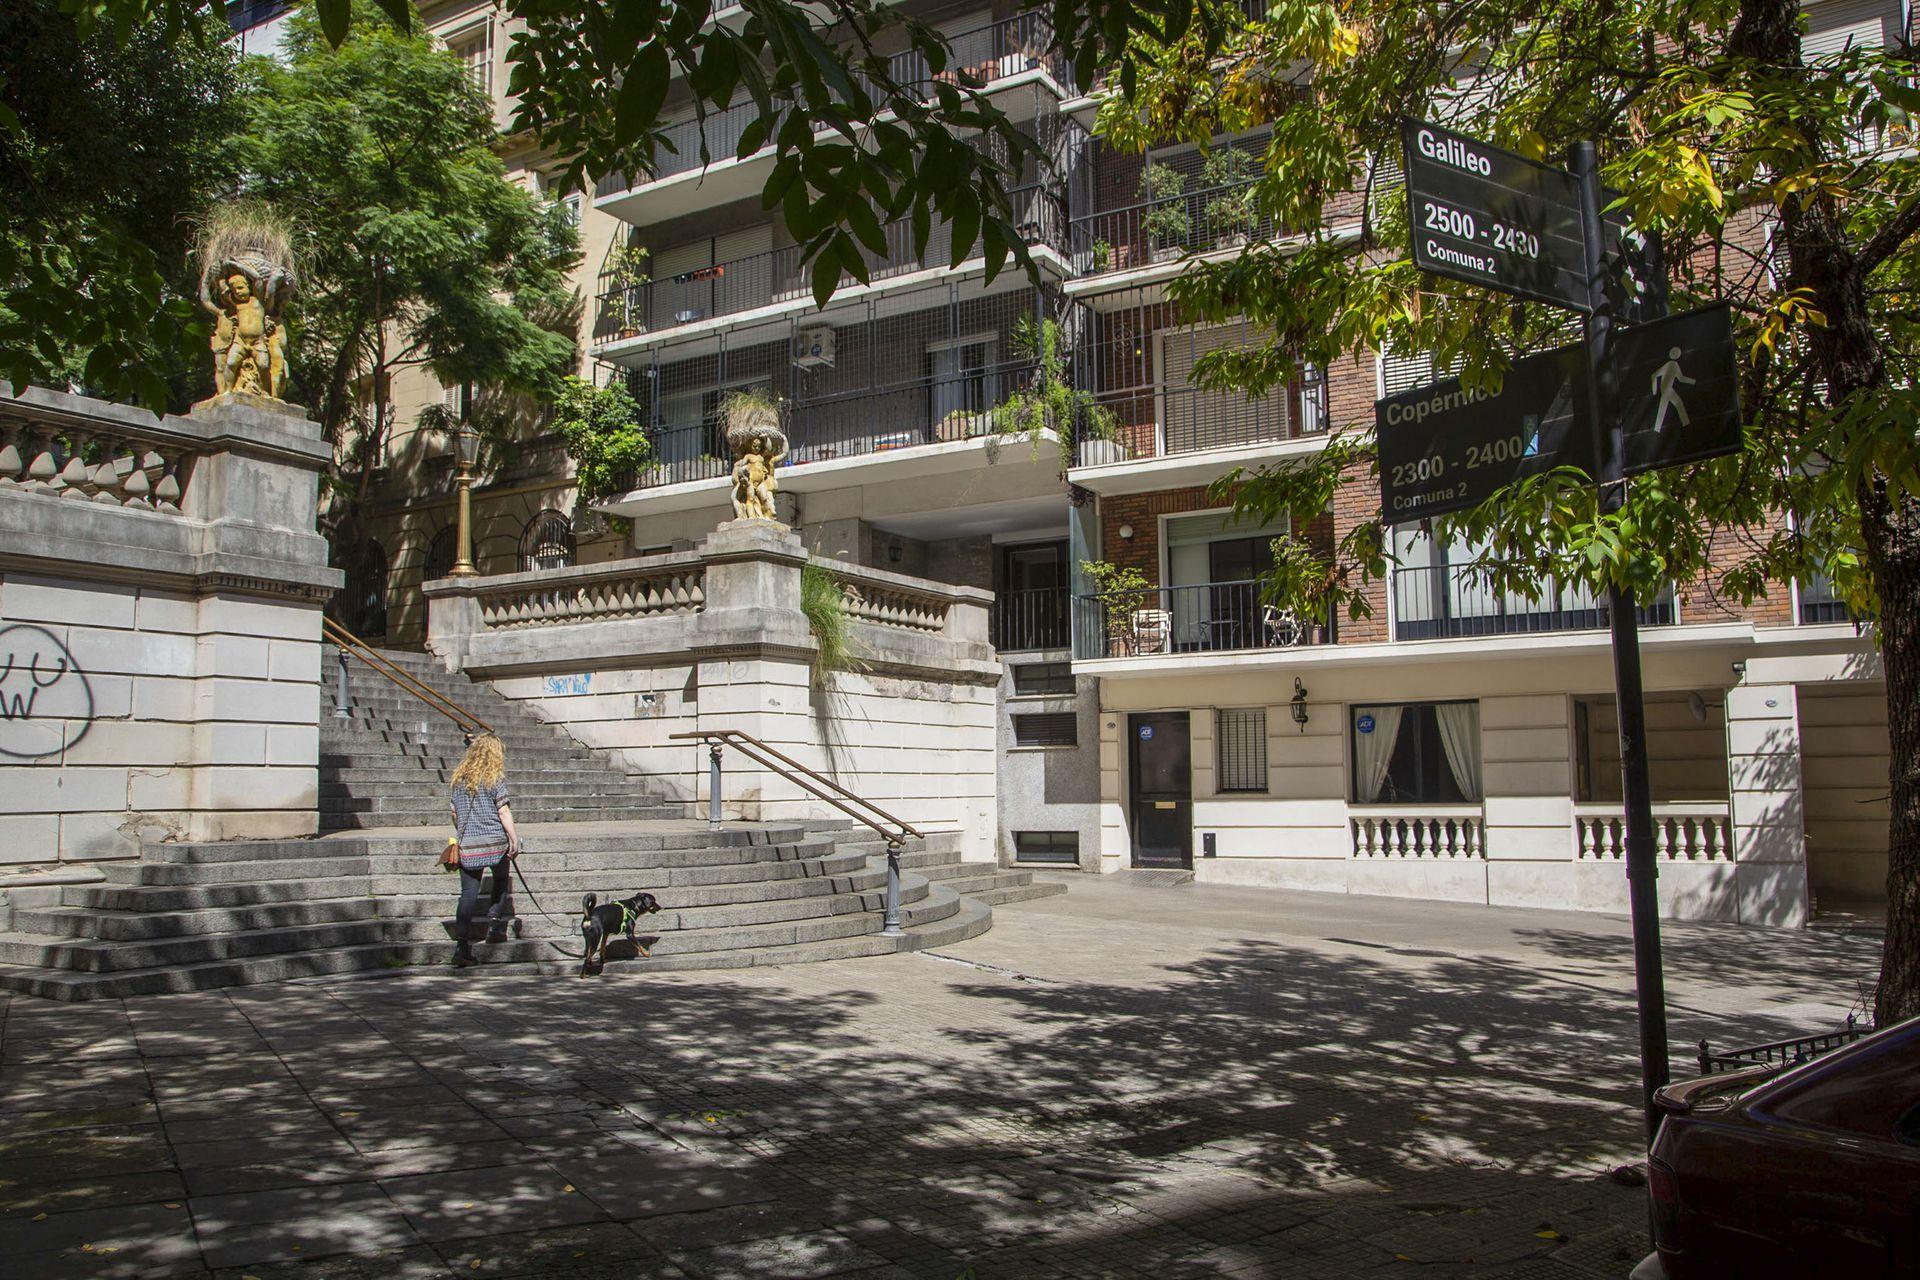 Otra escalera en el cruce de Copérnico y Galileo, dos calles que rinden homenaje a astrónomos, en La Isla